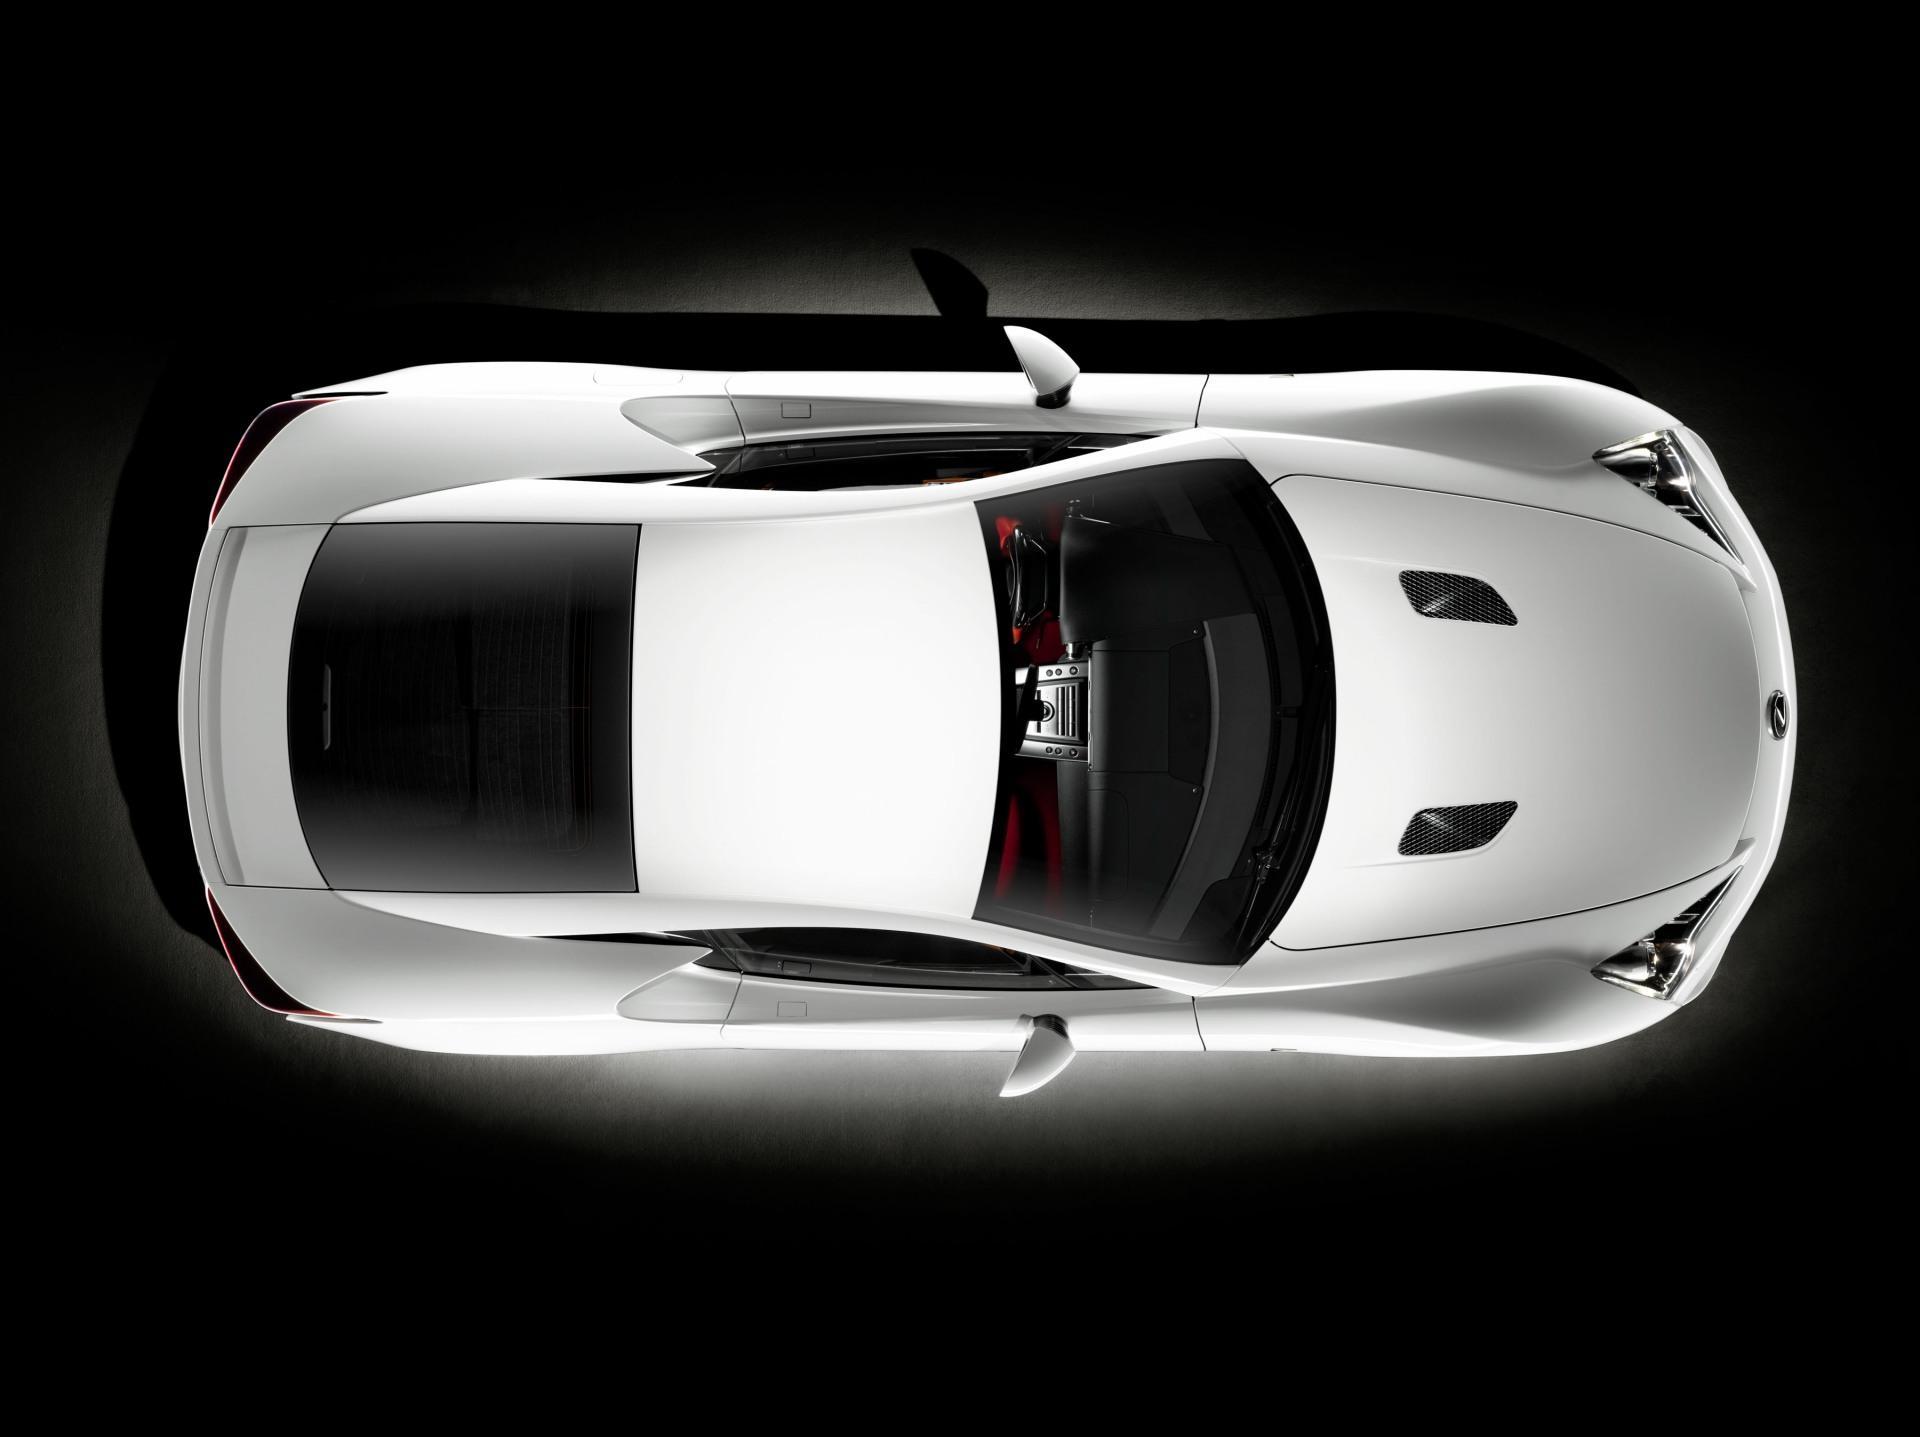 https://www.conceptcarz.com/images/Lexus/2011-Lexus-LFA_Coupe-Image-01.jpg